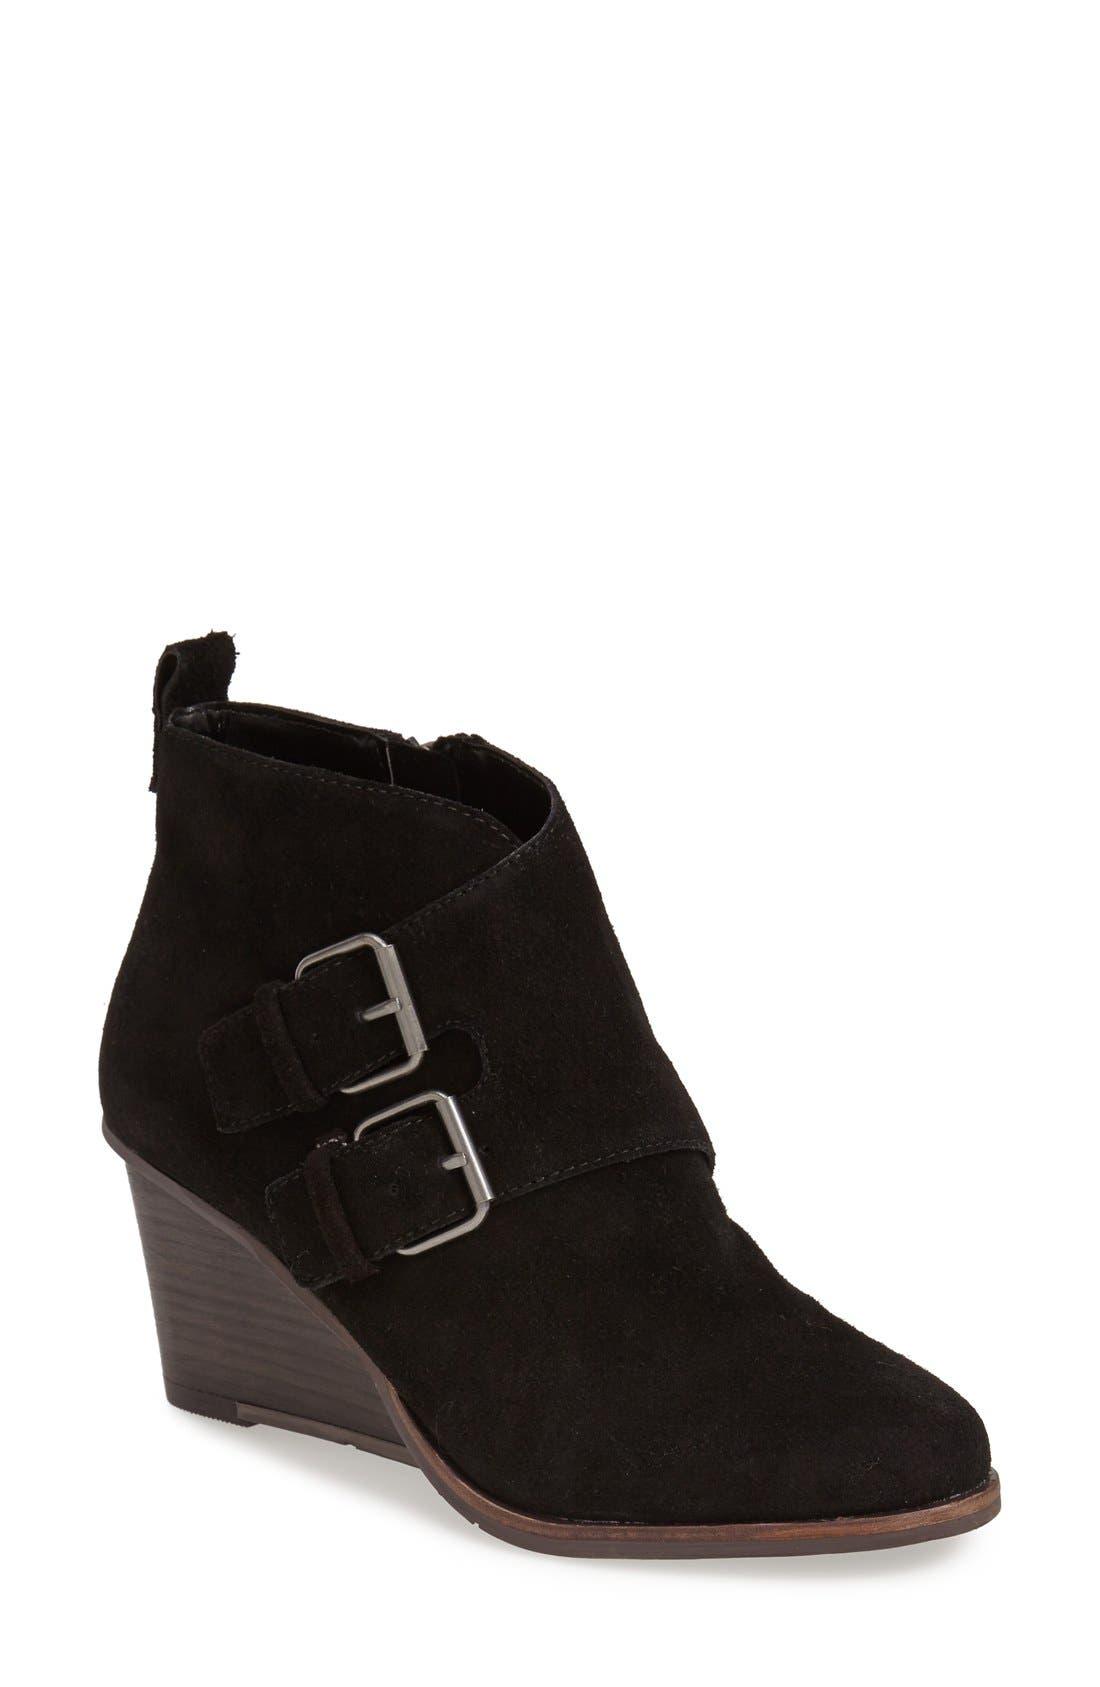 DV Footwear 'Fabian' Monk Strap Wedge Bootie, Main, color, 001